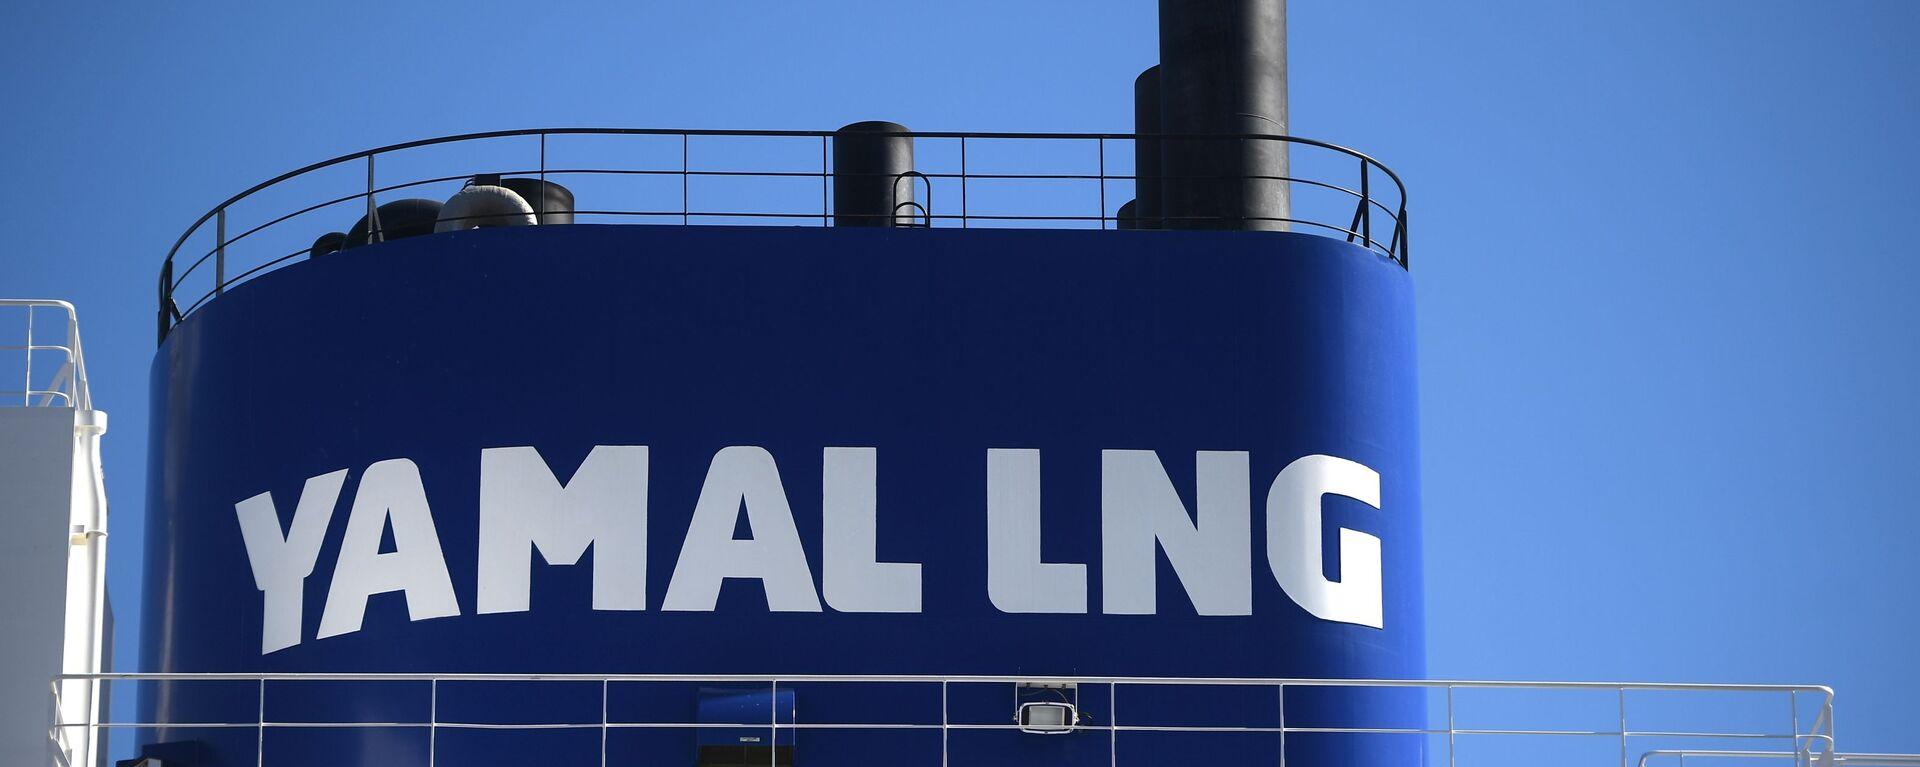 Прибытие  двух танкеров со сжиженным газом проекта «Ямал СПГ в Китай  - Sputnik Грузия, 1920, 01.10.2021